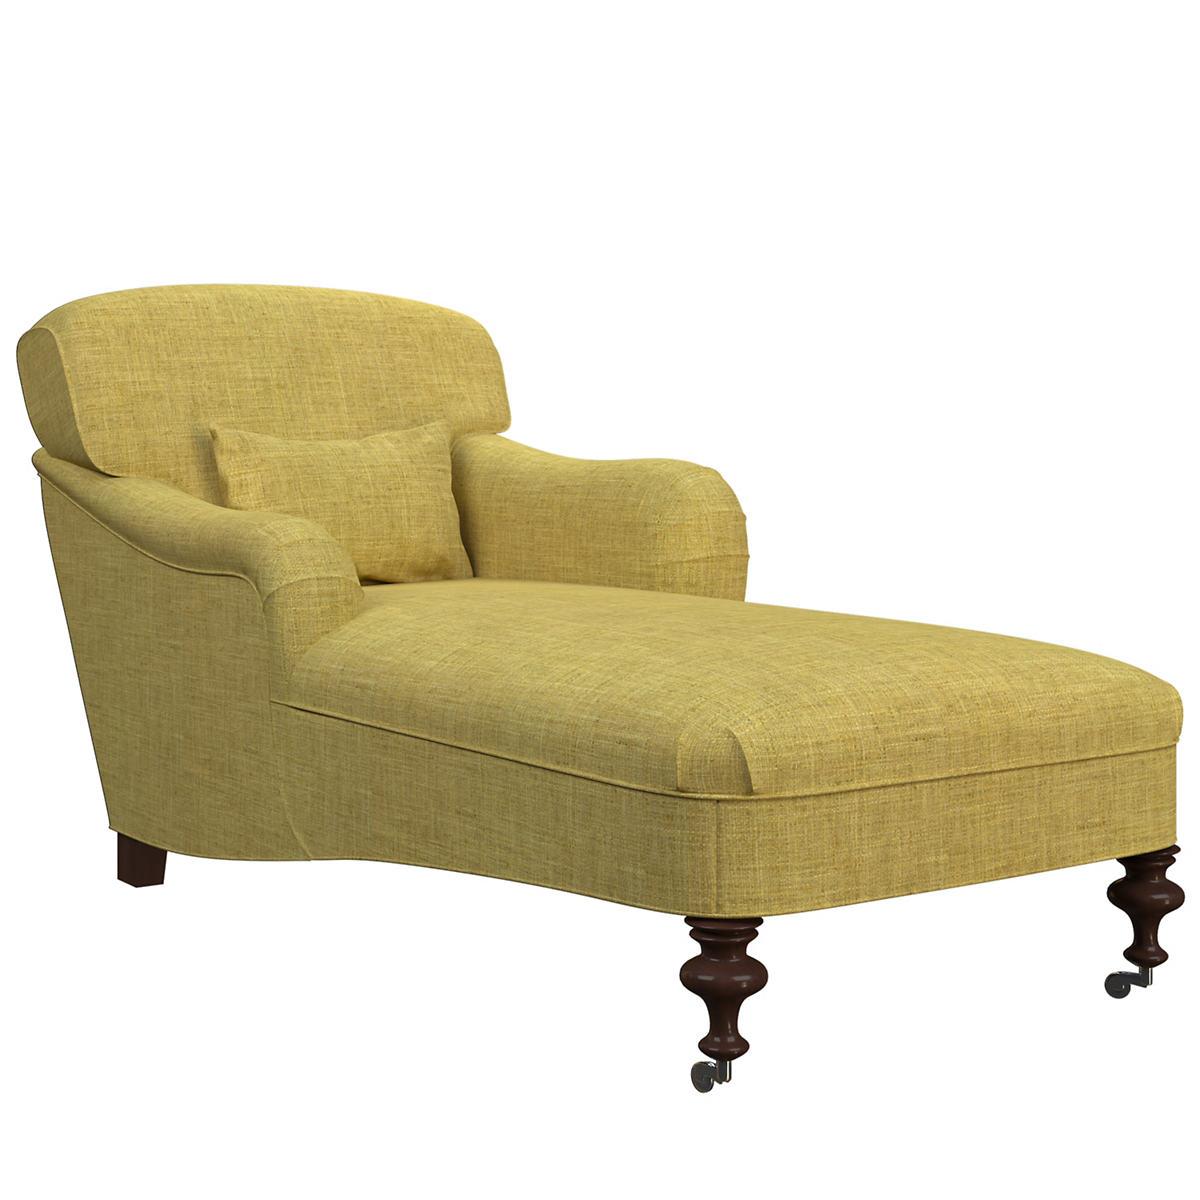 Canvasuede Citrus Beaufort Chaise